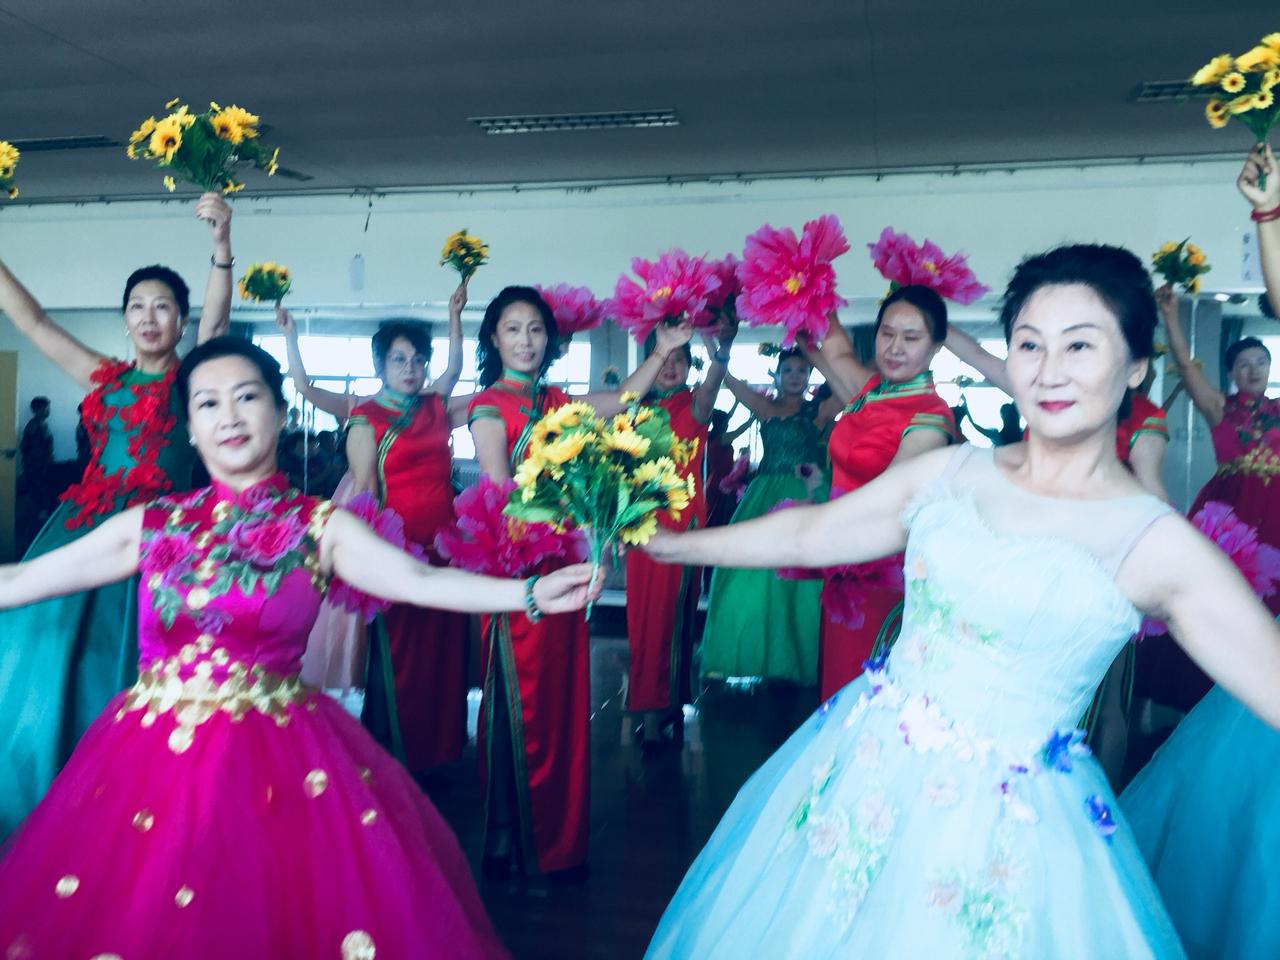 渭南市老年大学模特协会开学典礼暨庆祝祖国70周年